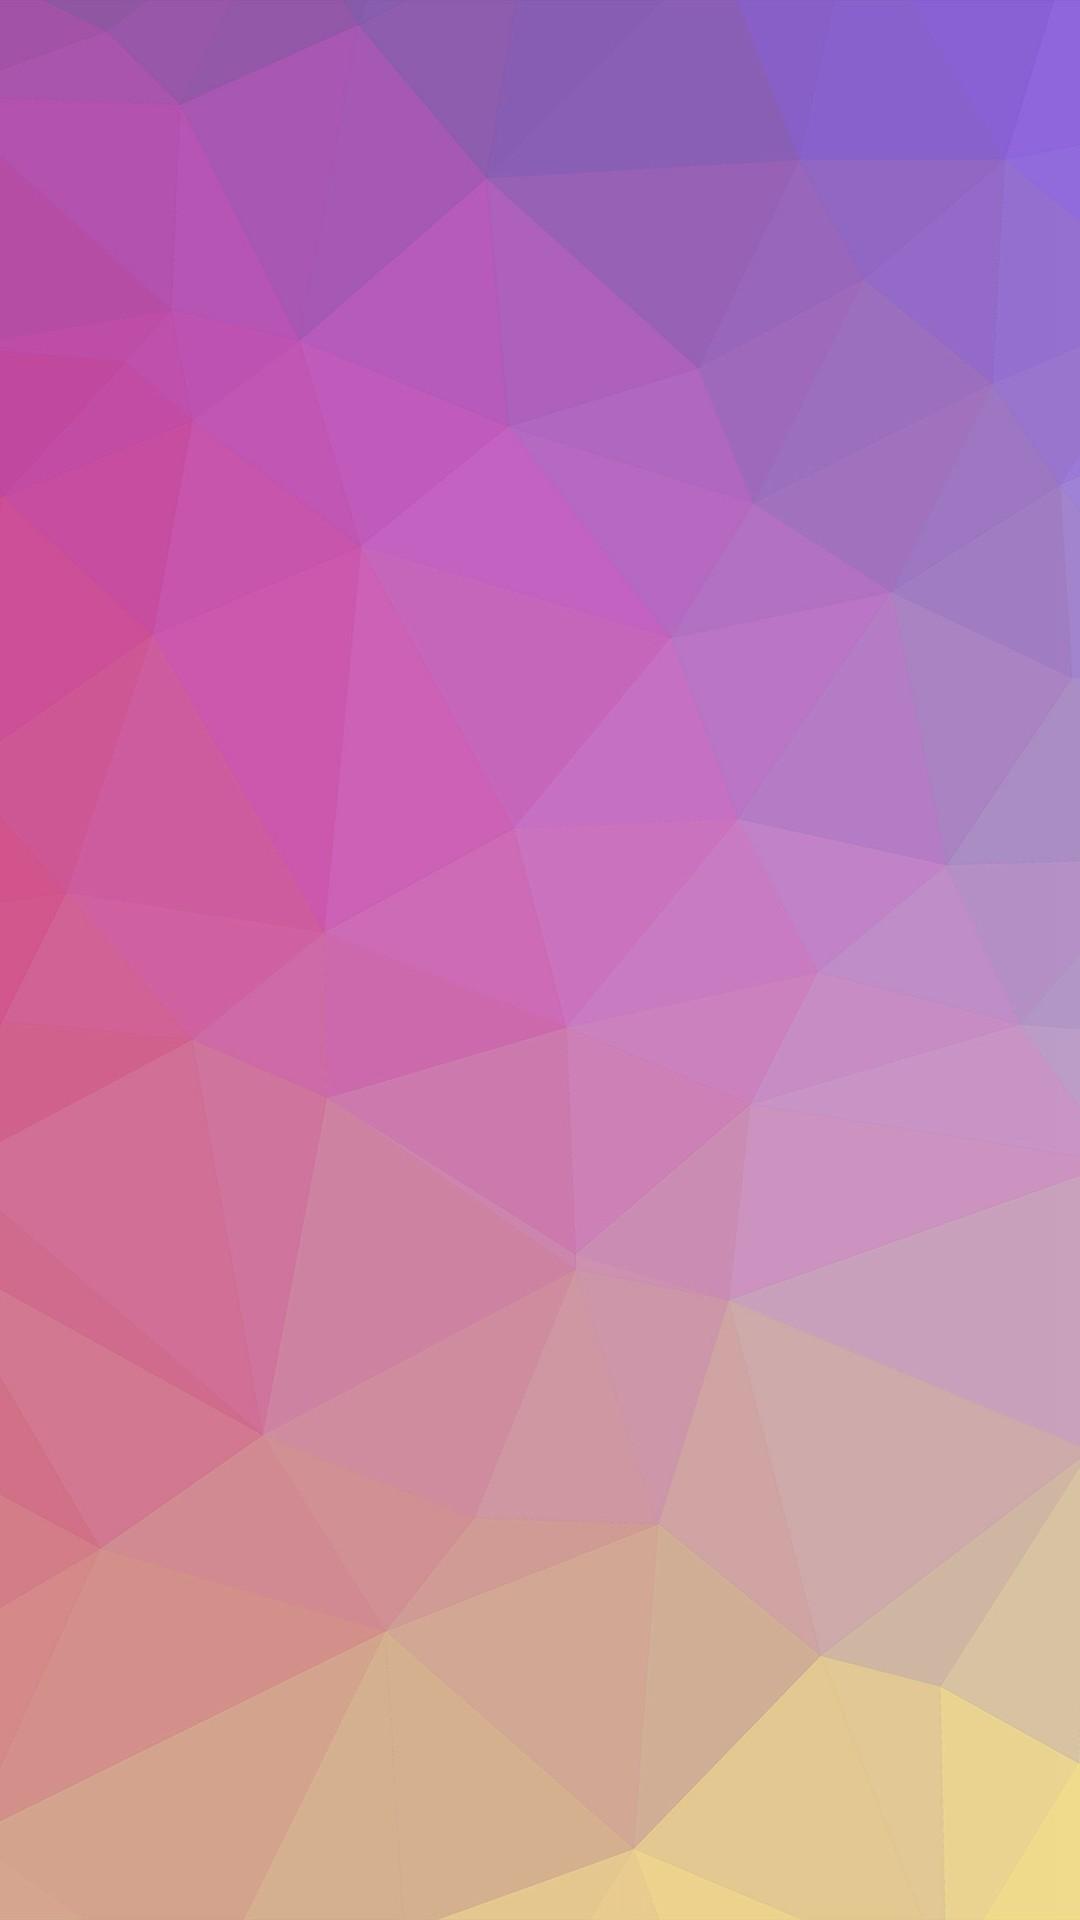 1080x1920 Polyart Pastel Pink Yellow Pattern IPhone 7 Wallpaper Download 1920x1080